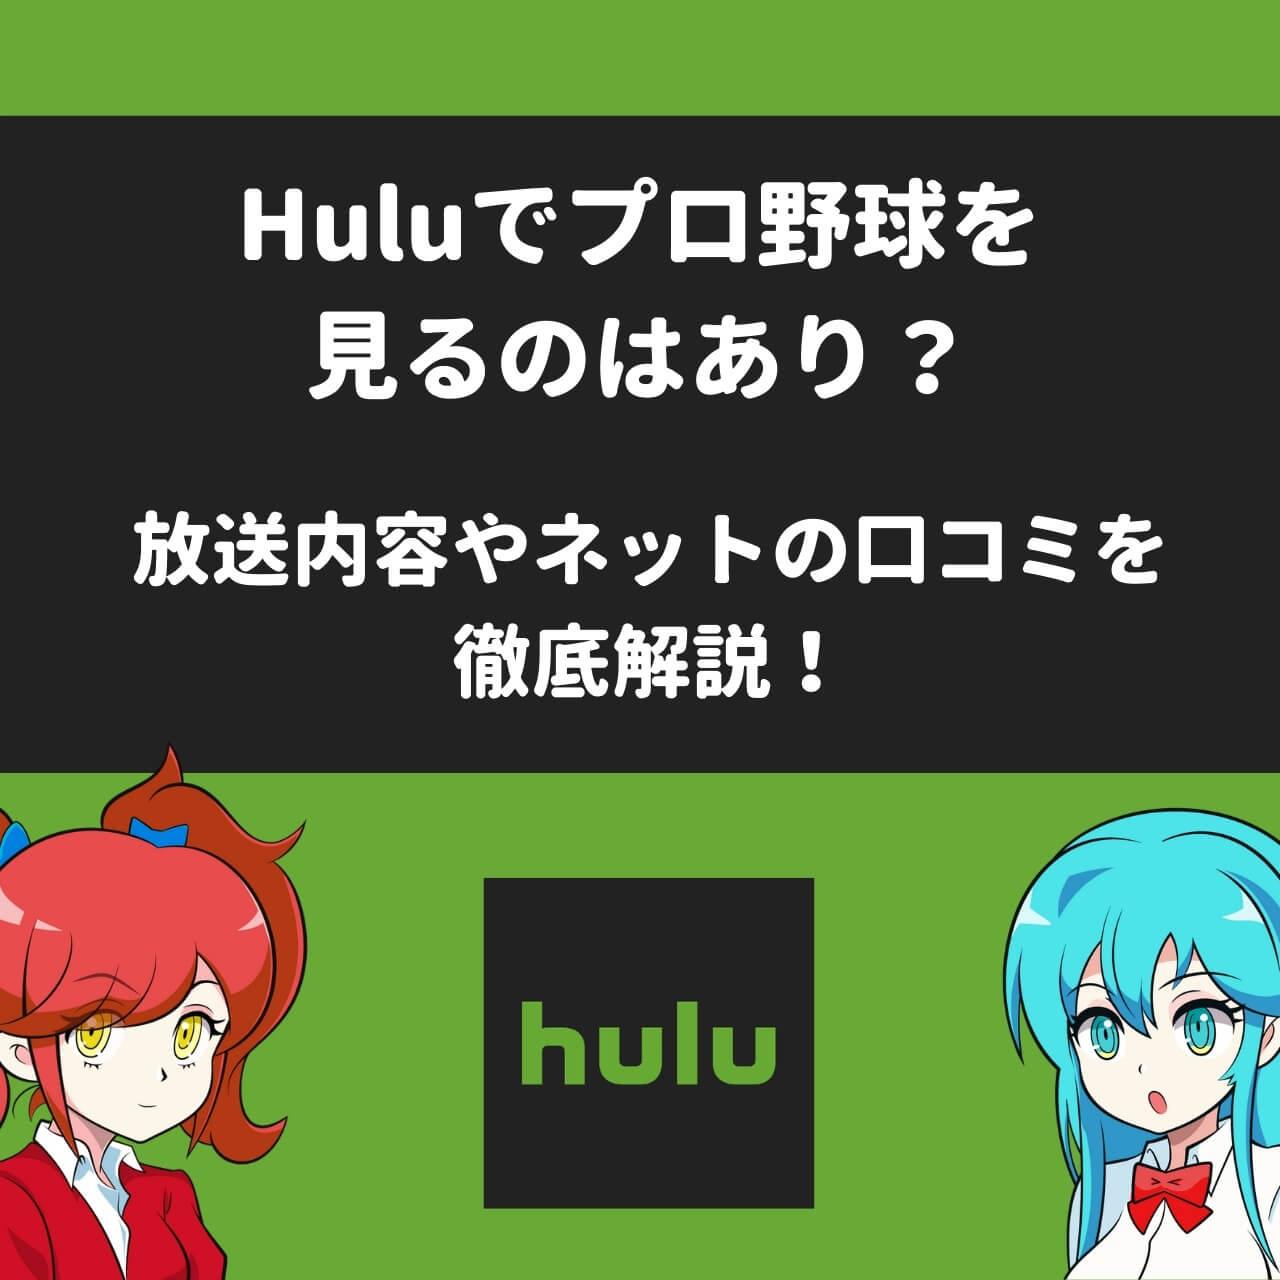 Huluでプロ野球を見るのはあり?